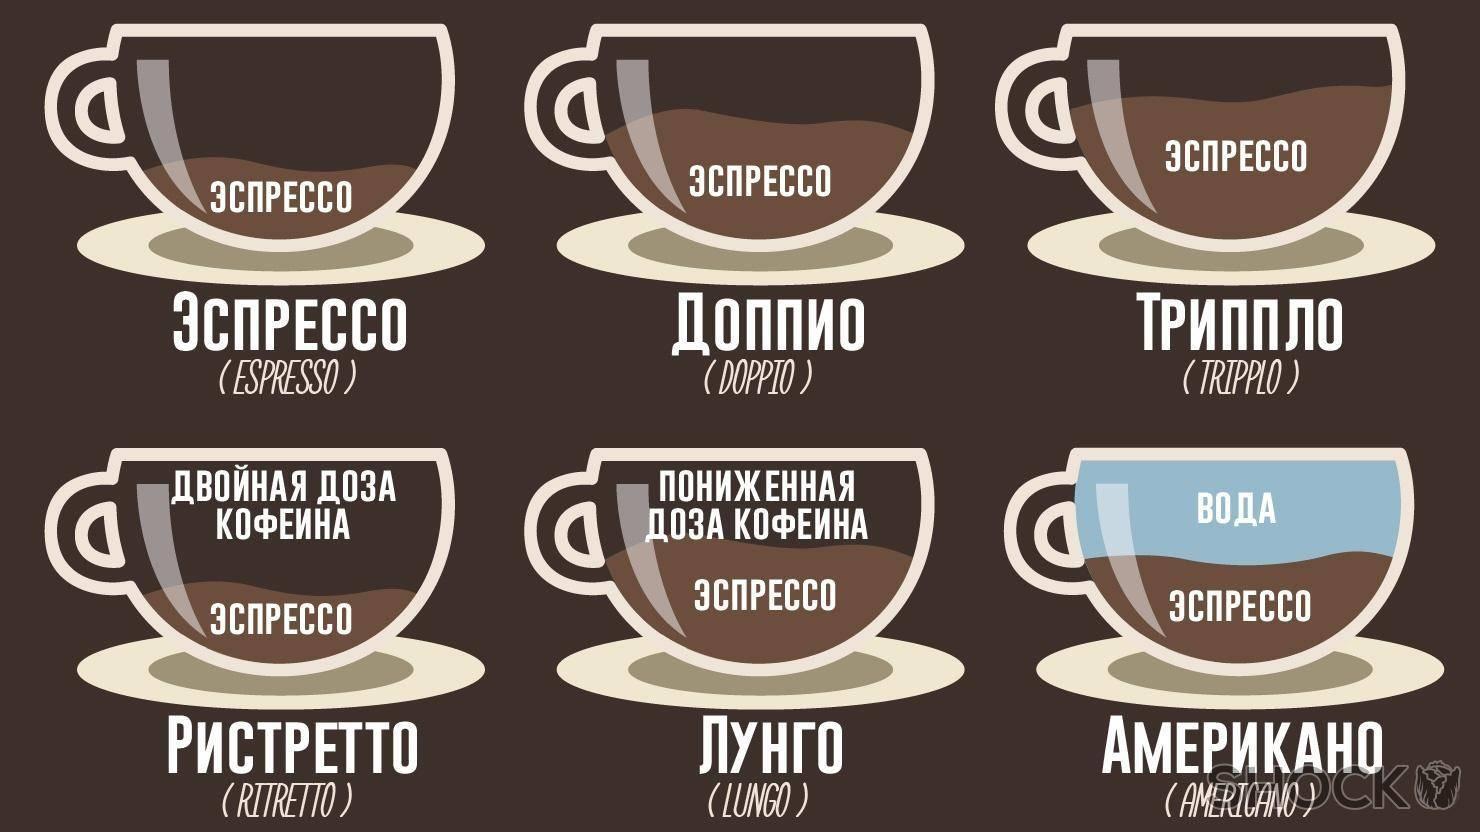 Как правильно выбрать чашку для капучино